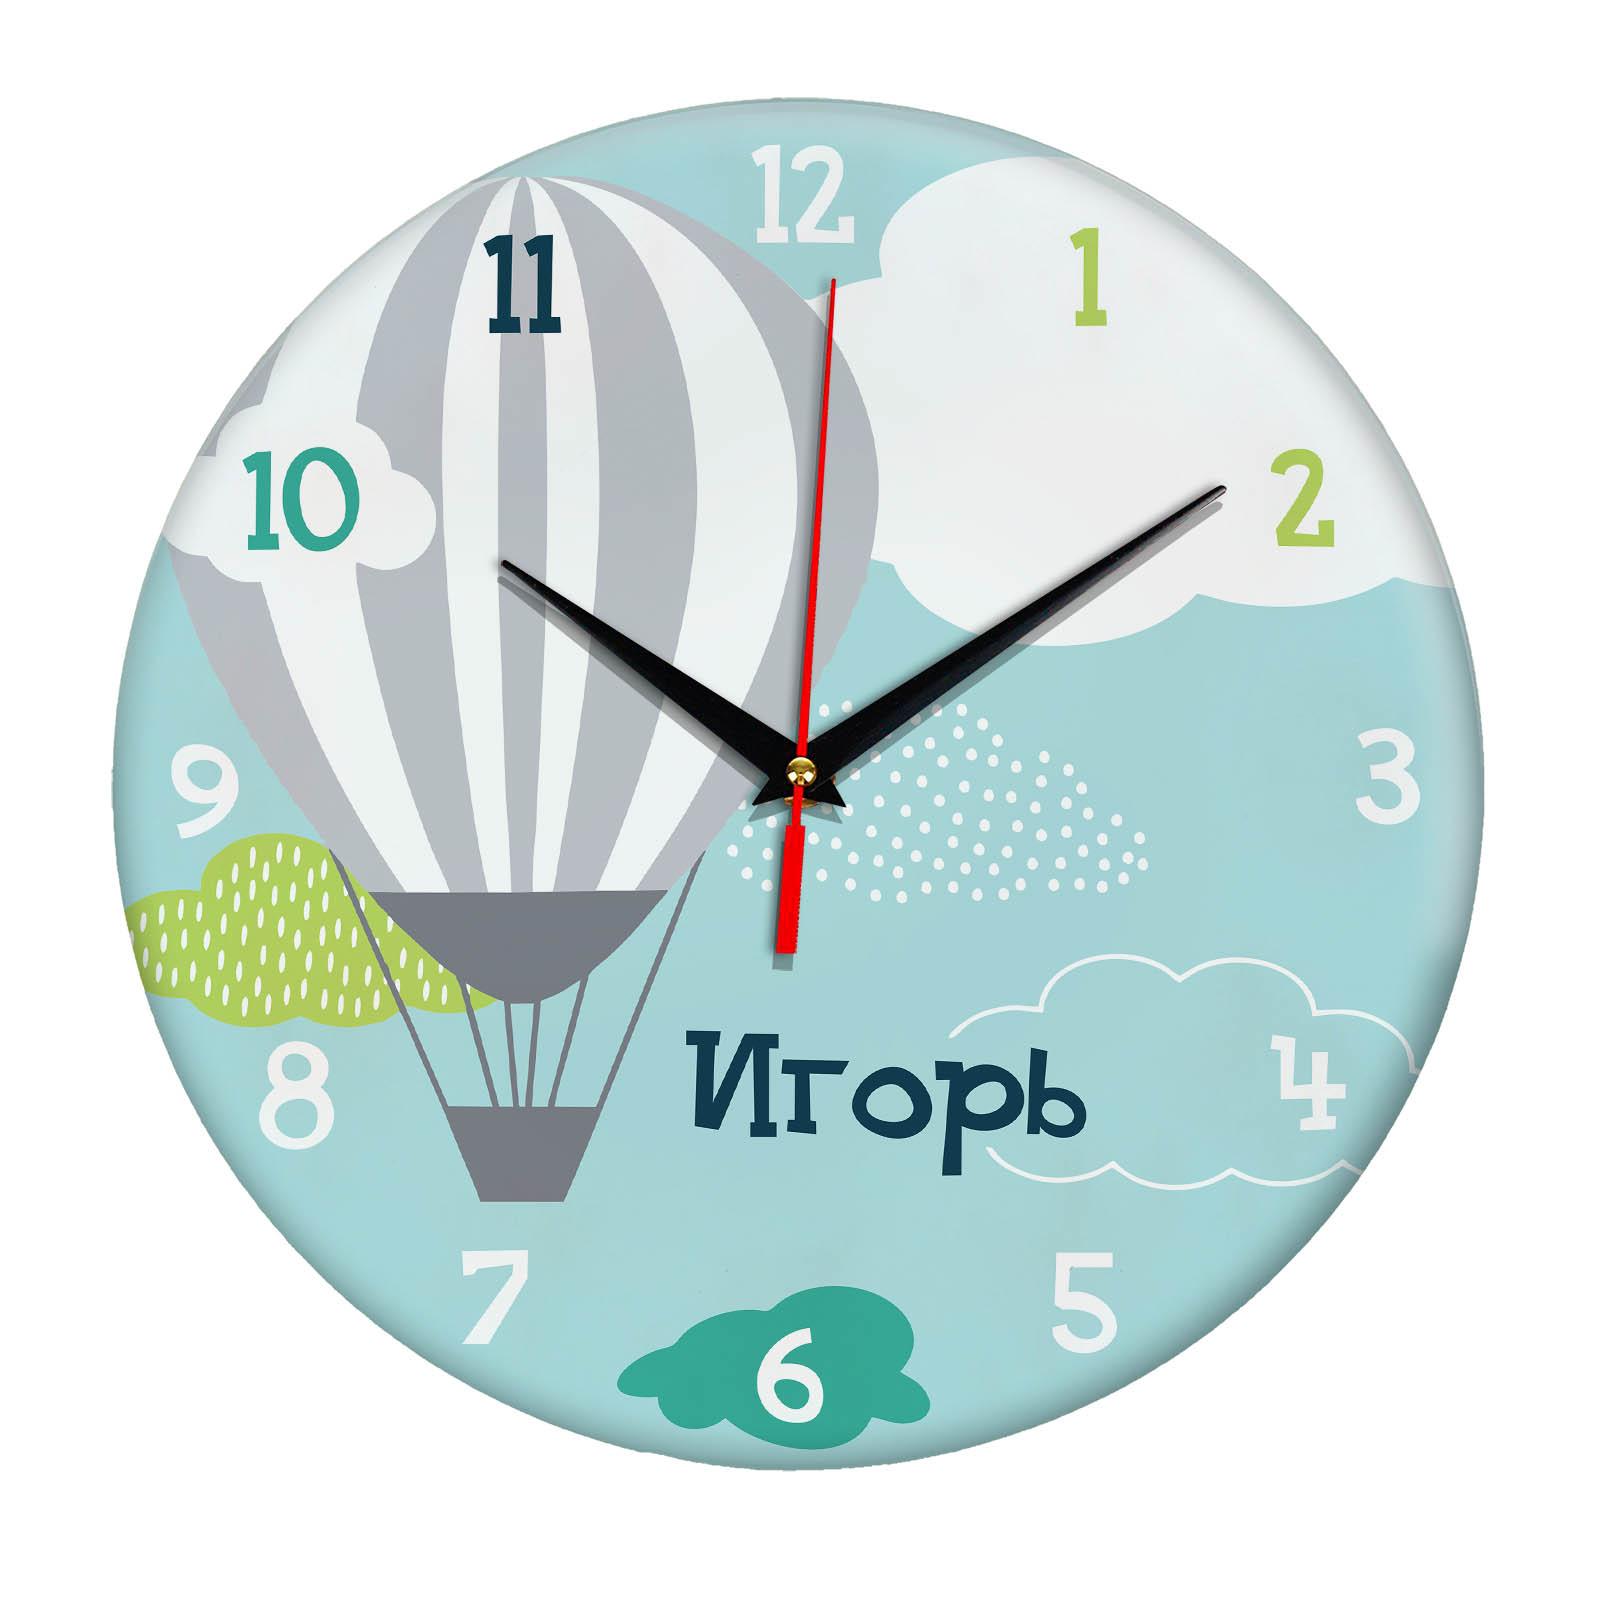 Подарок именной - Настенные часы с именем Игорь